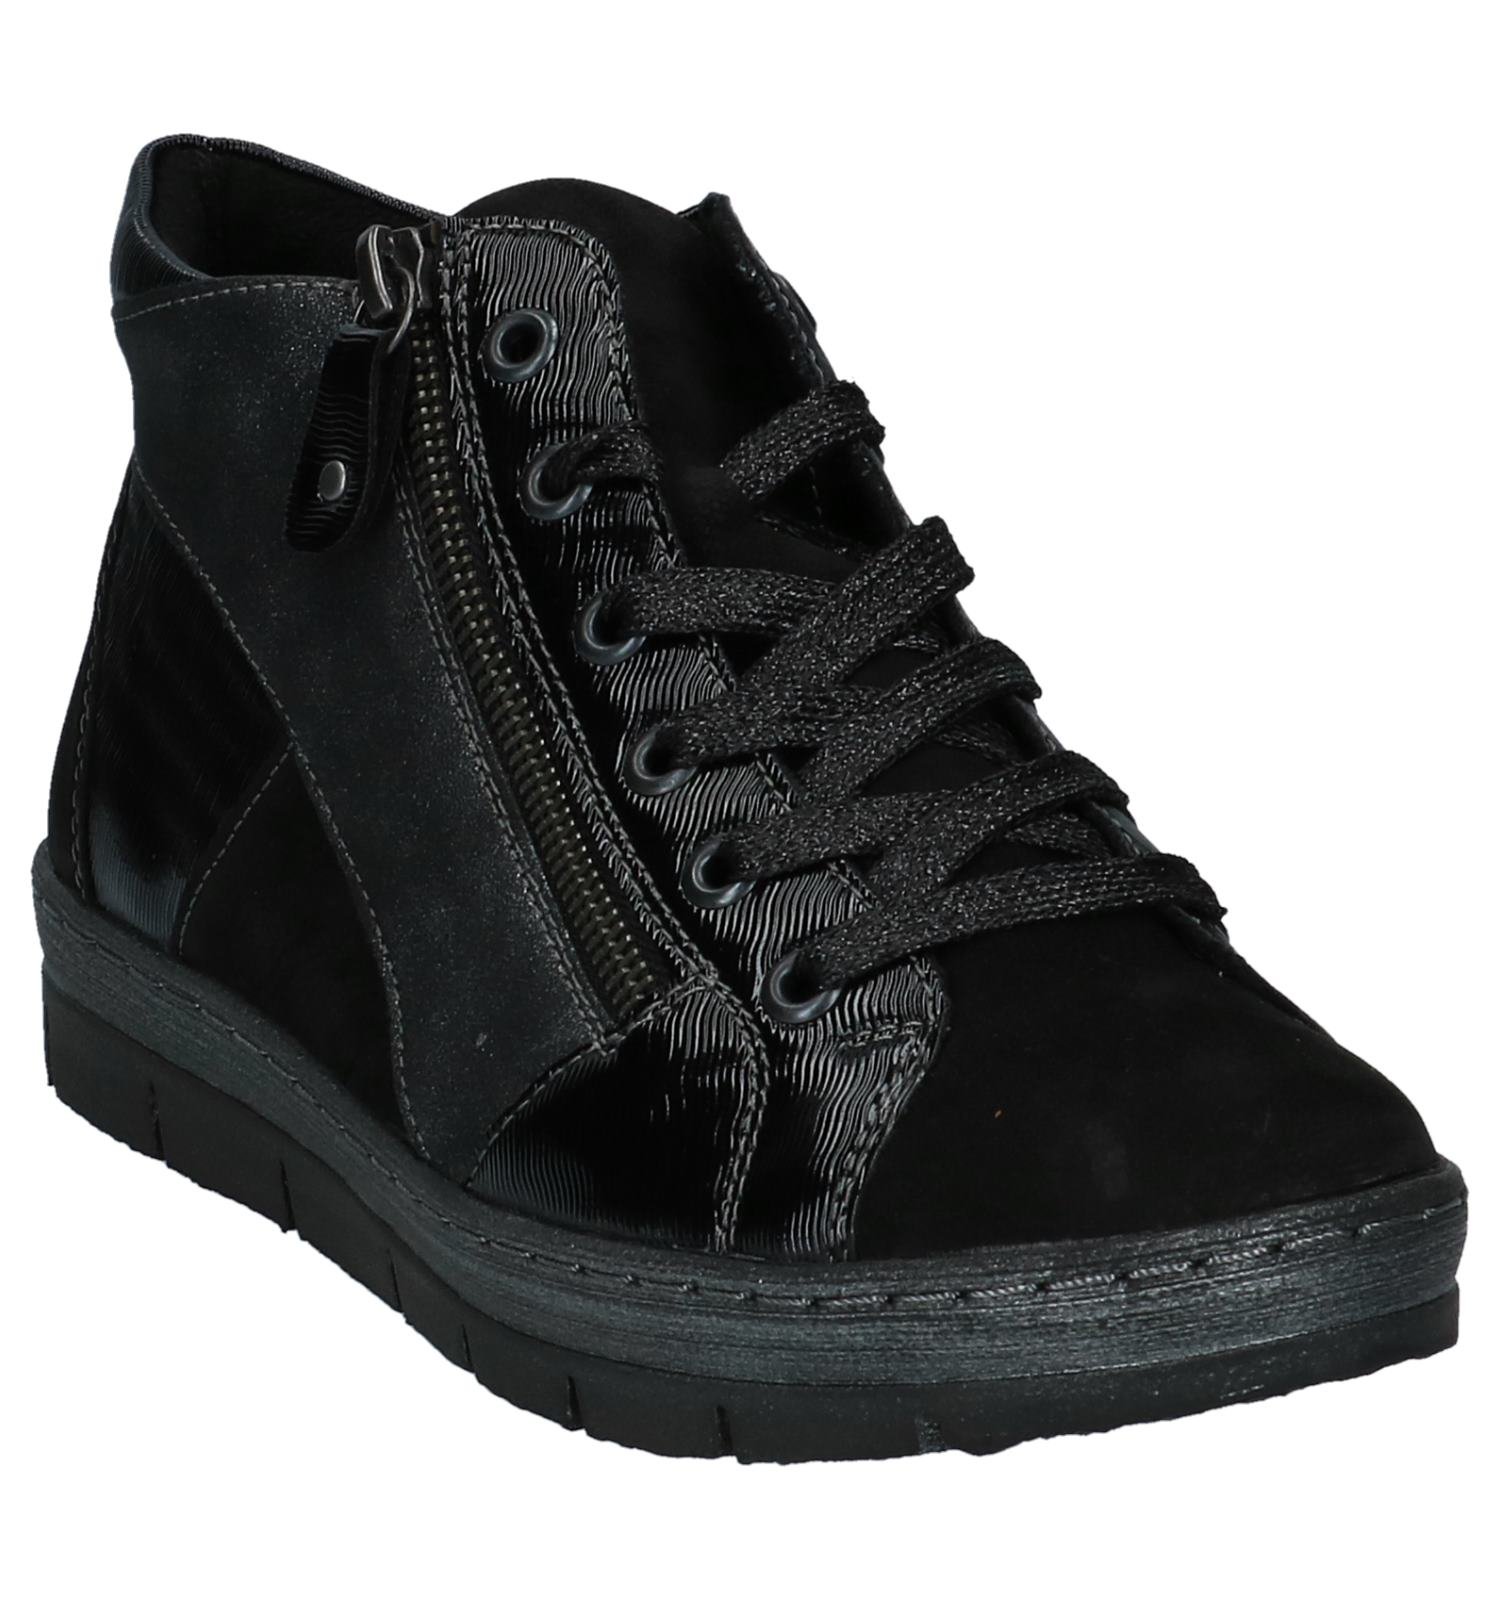 Geklede Zwart Hoge Sneakers Zwart Hoge Remonte Remonte Geklede Sneakers 2IED9H